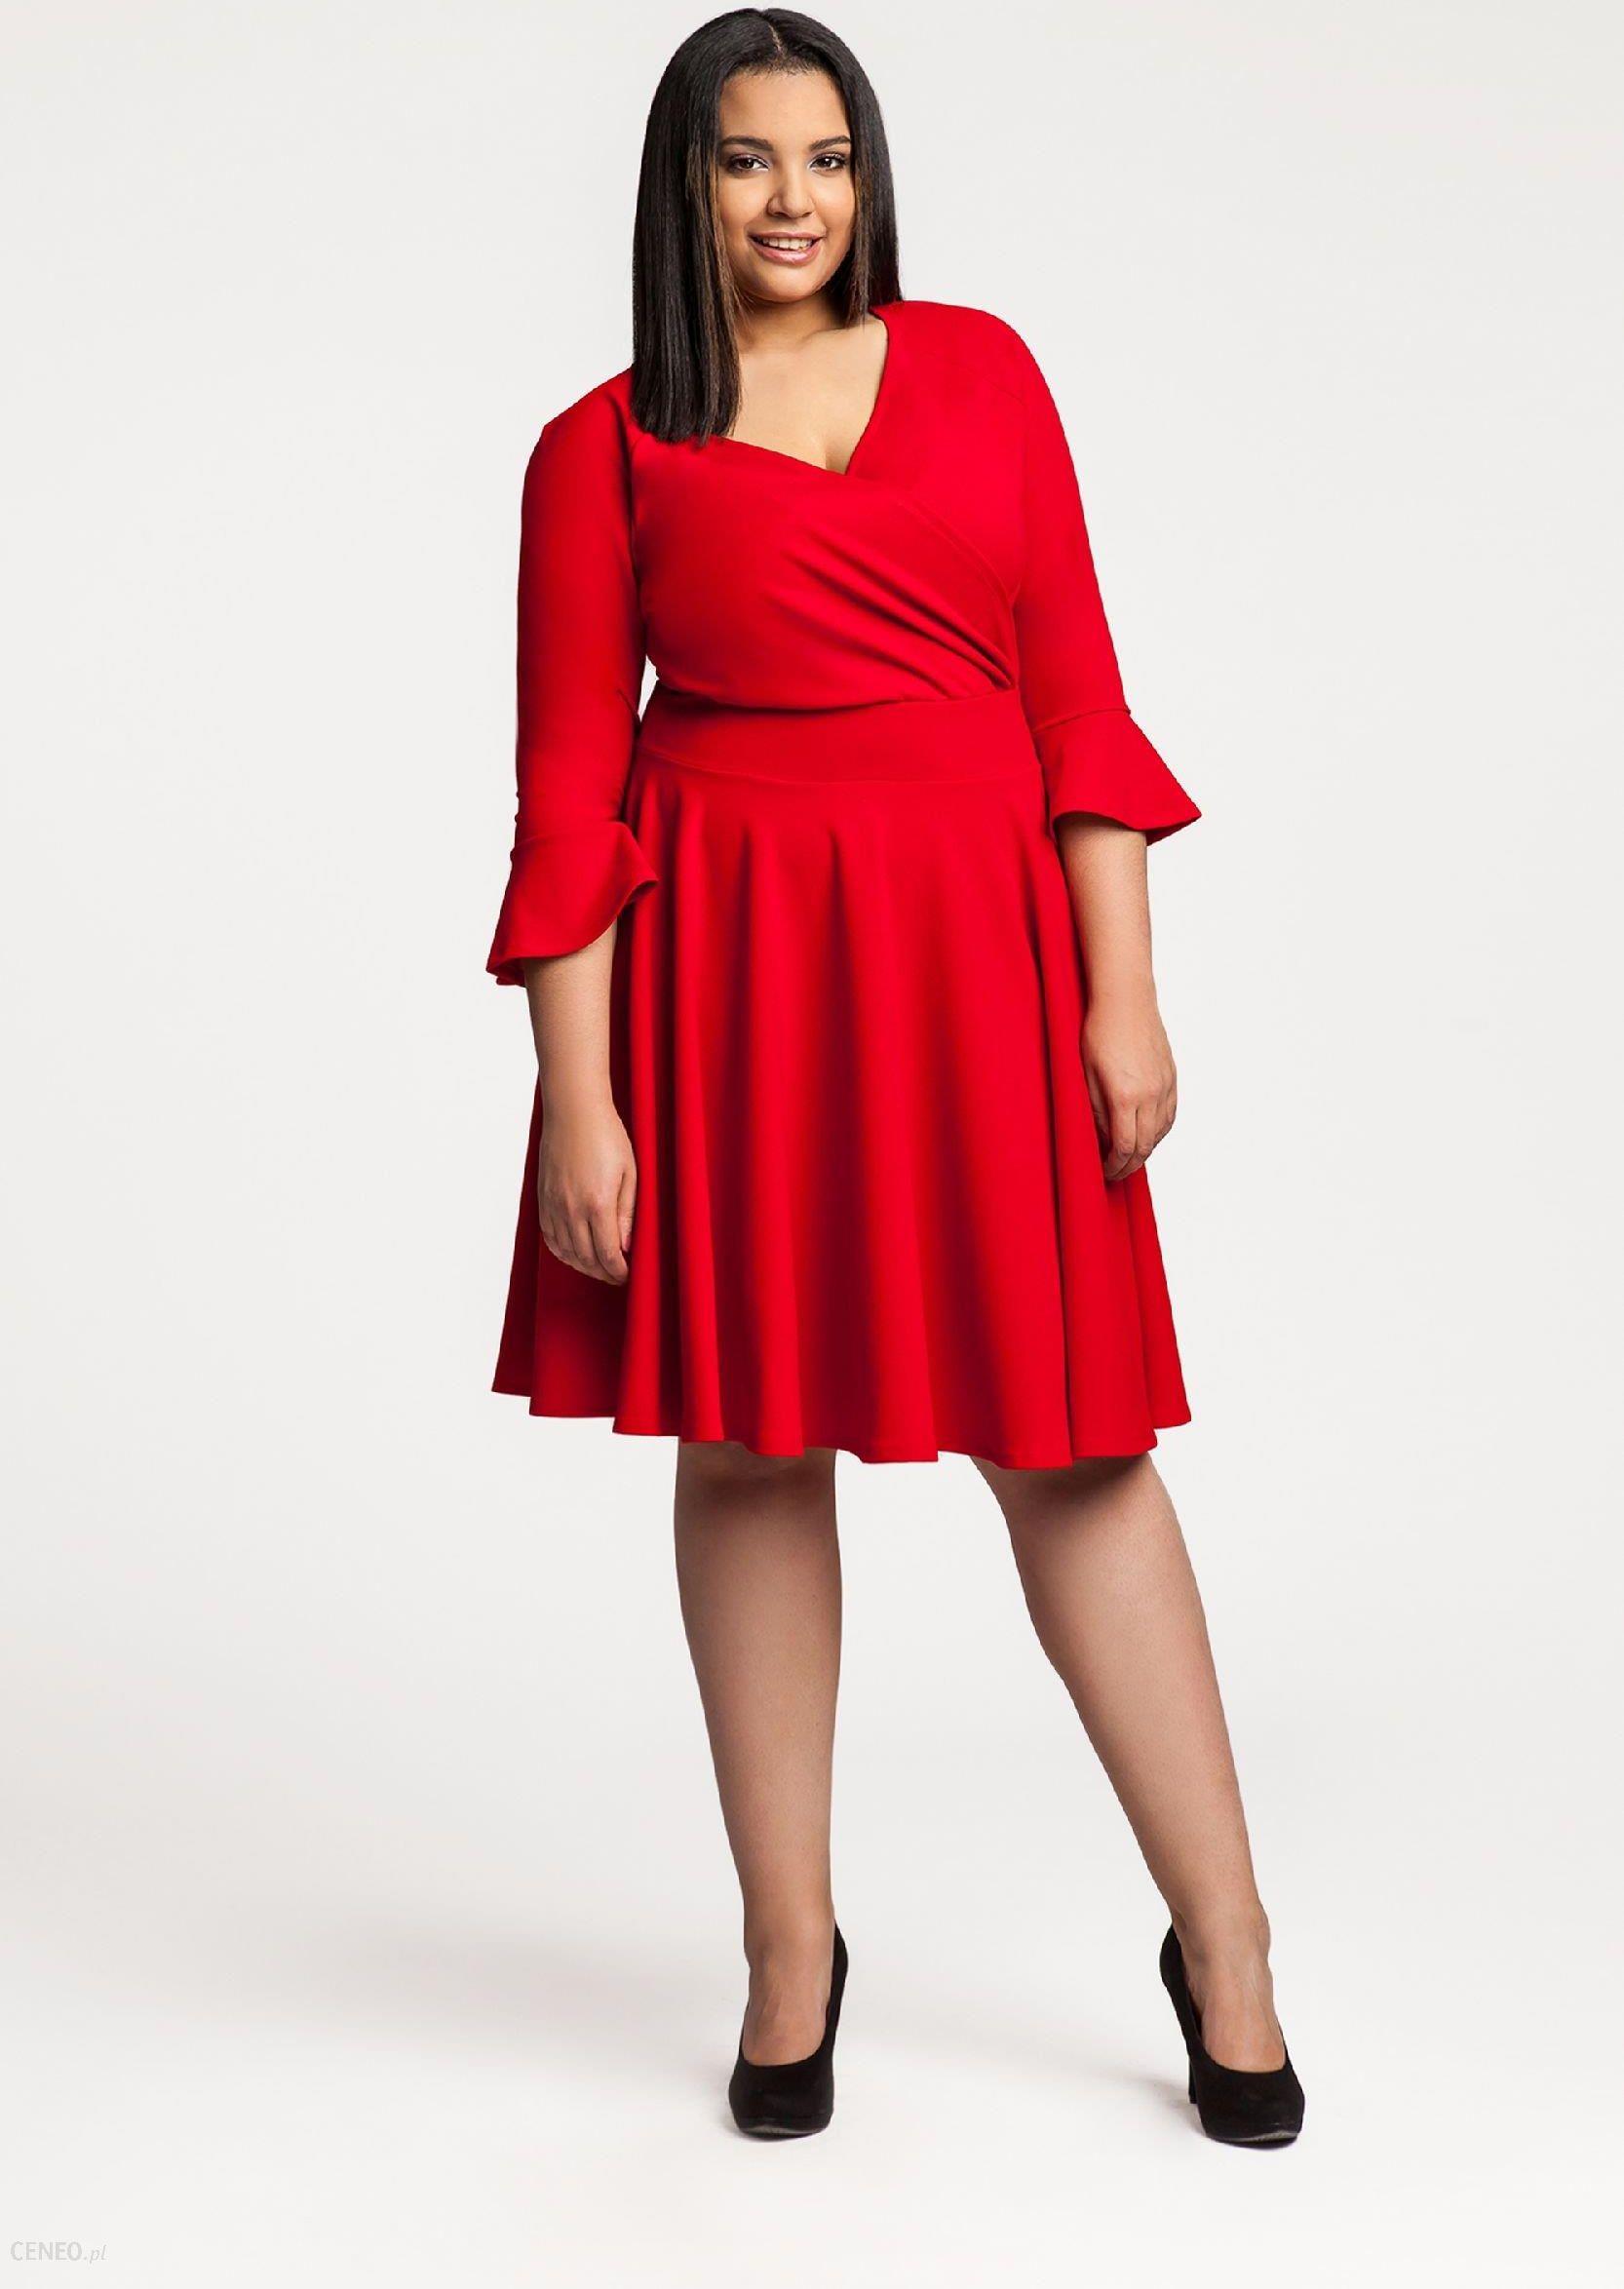 157645f0eb Ptak Moda Sukienka koktajlowa z kopertowym dekoltem M56248 czerwona r. 48 -  zdjęcie 1